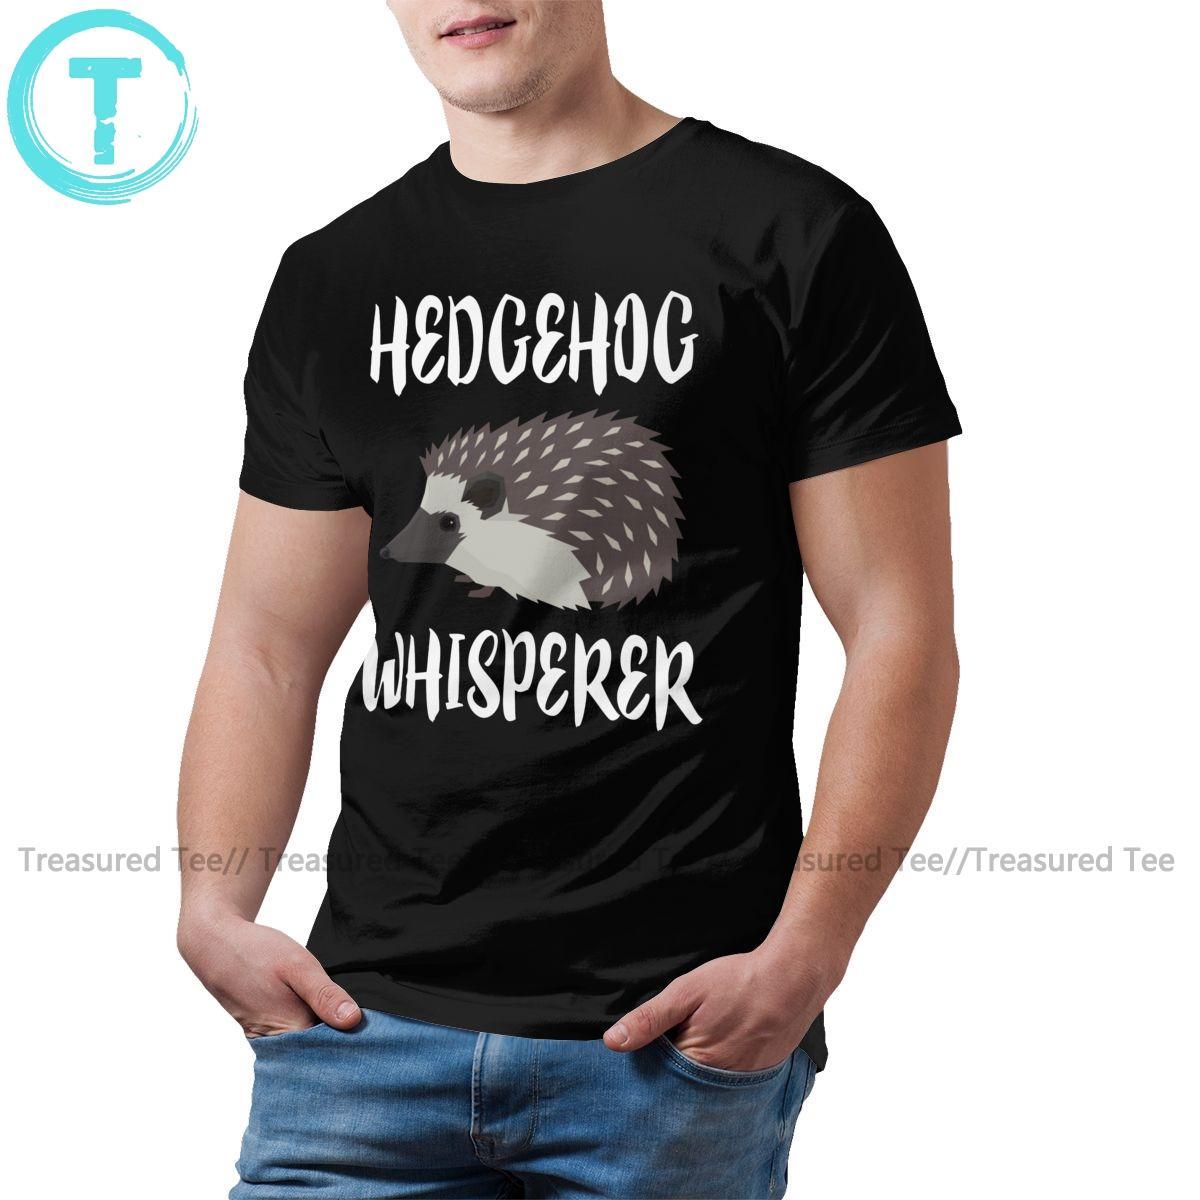 Hérisson Hérisson T-shirt Whisperer amant animal T-shirt imprimé drôle T-shirt des hommes T-shirt de plage 5x